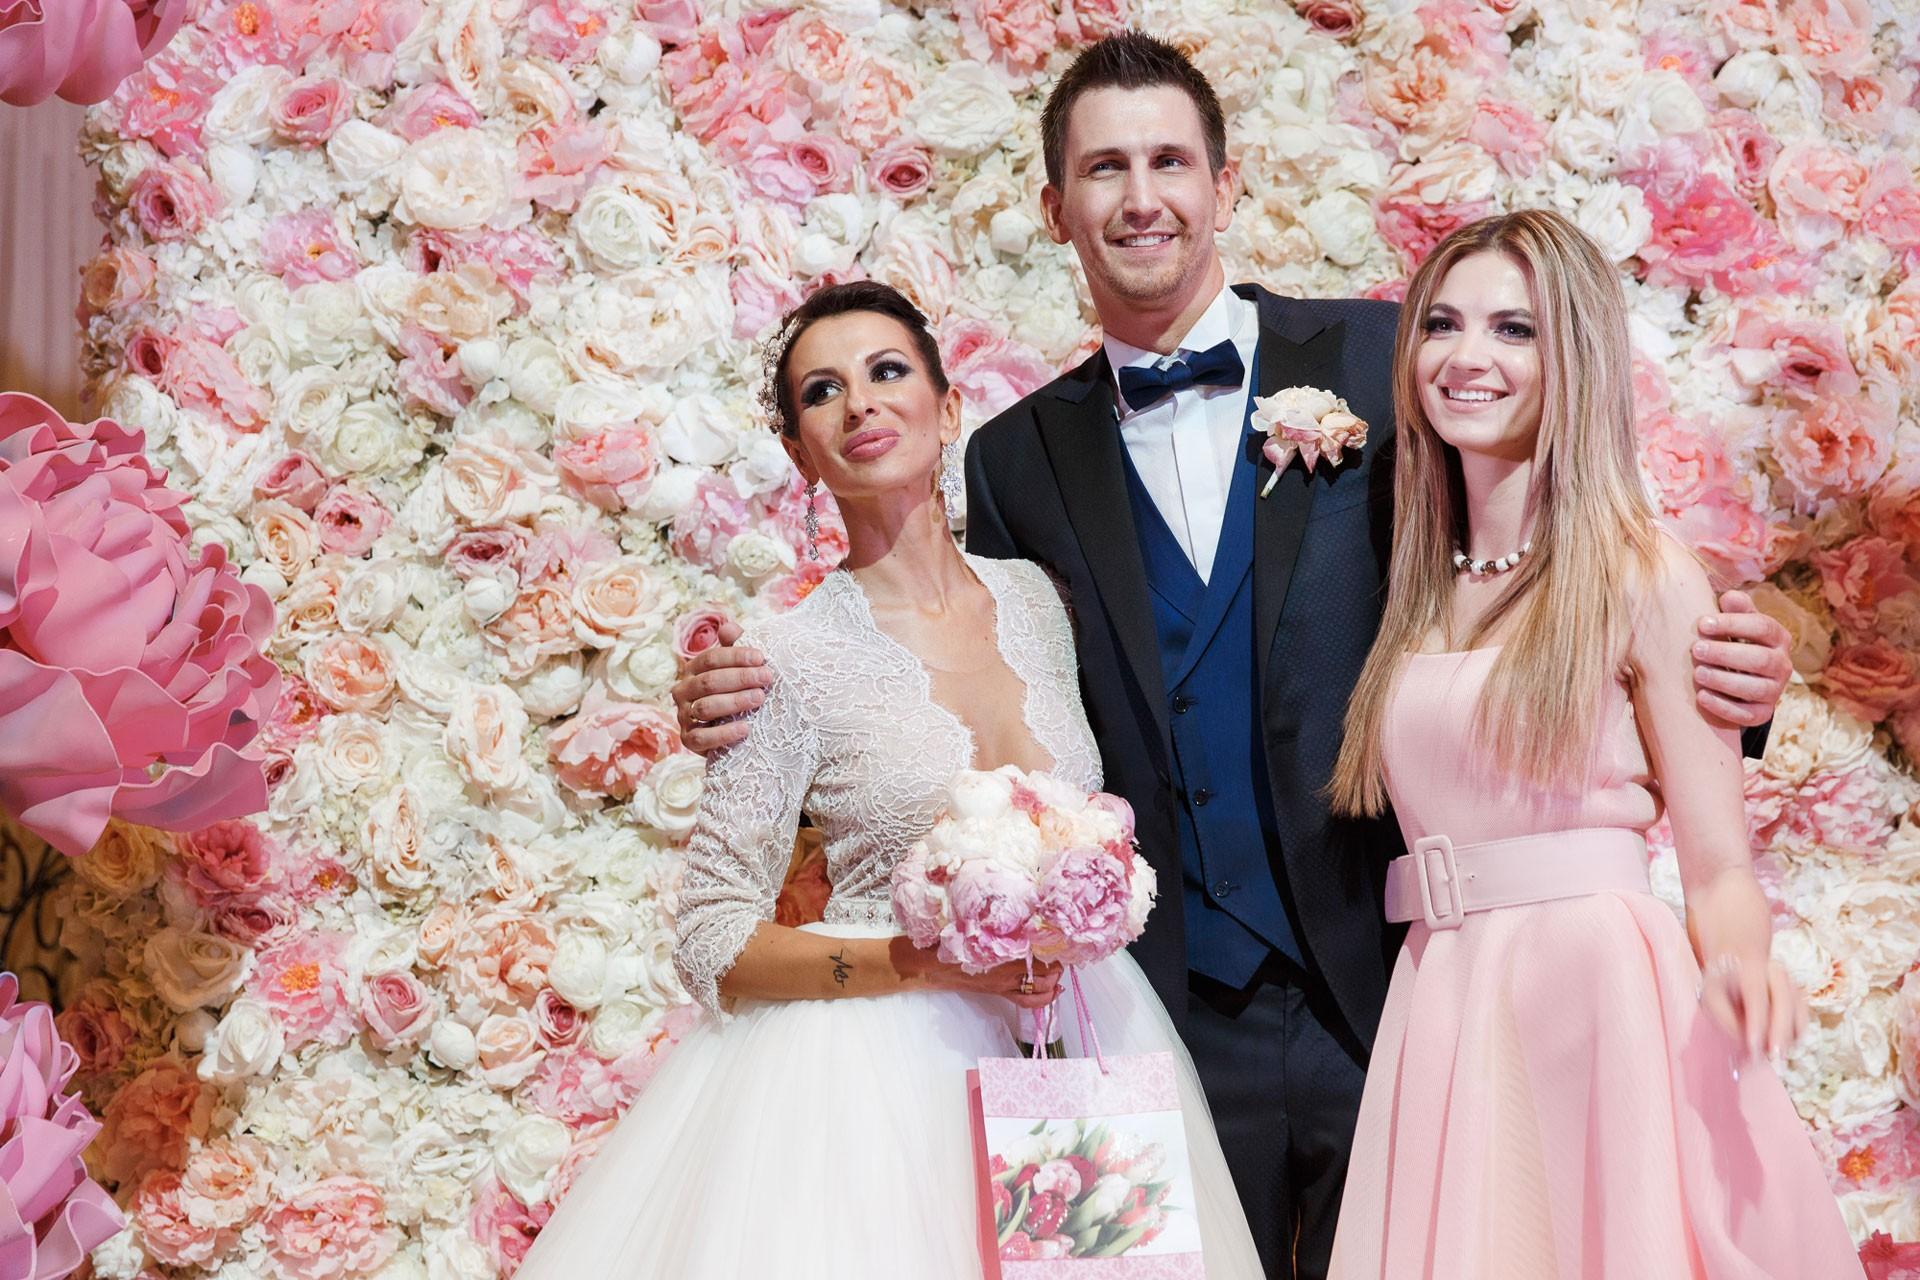 Пионовая свадьба. Свадьба Анны Грачевской и Артема Кузякина фото 35